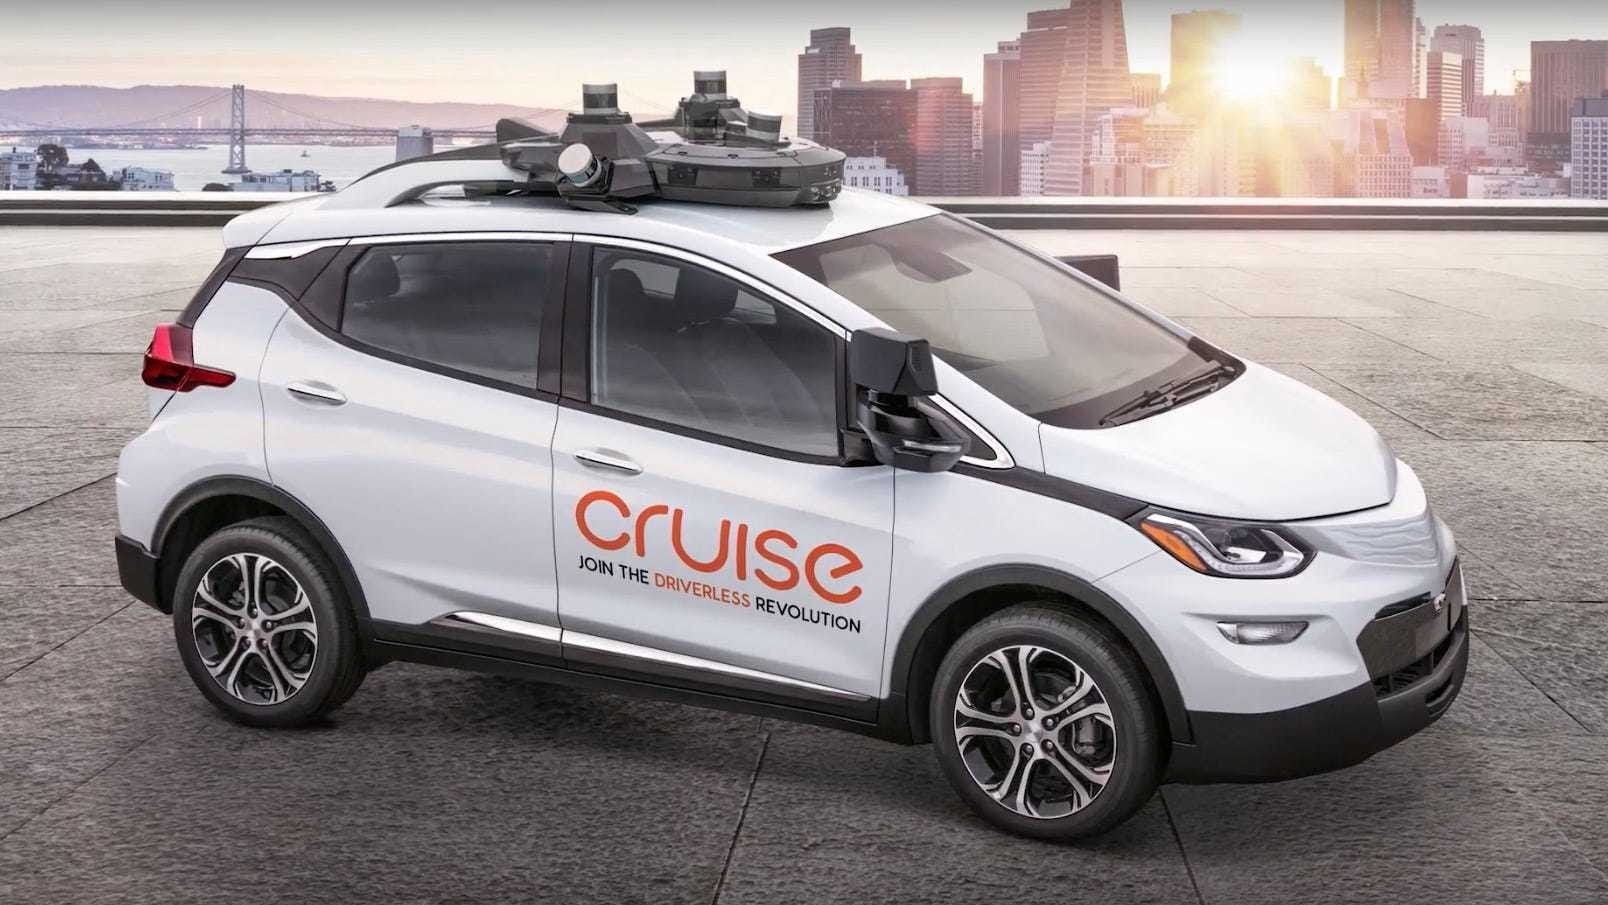 GM's Cruise 'making progress' on self-drive technology